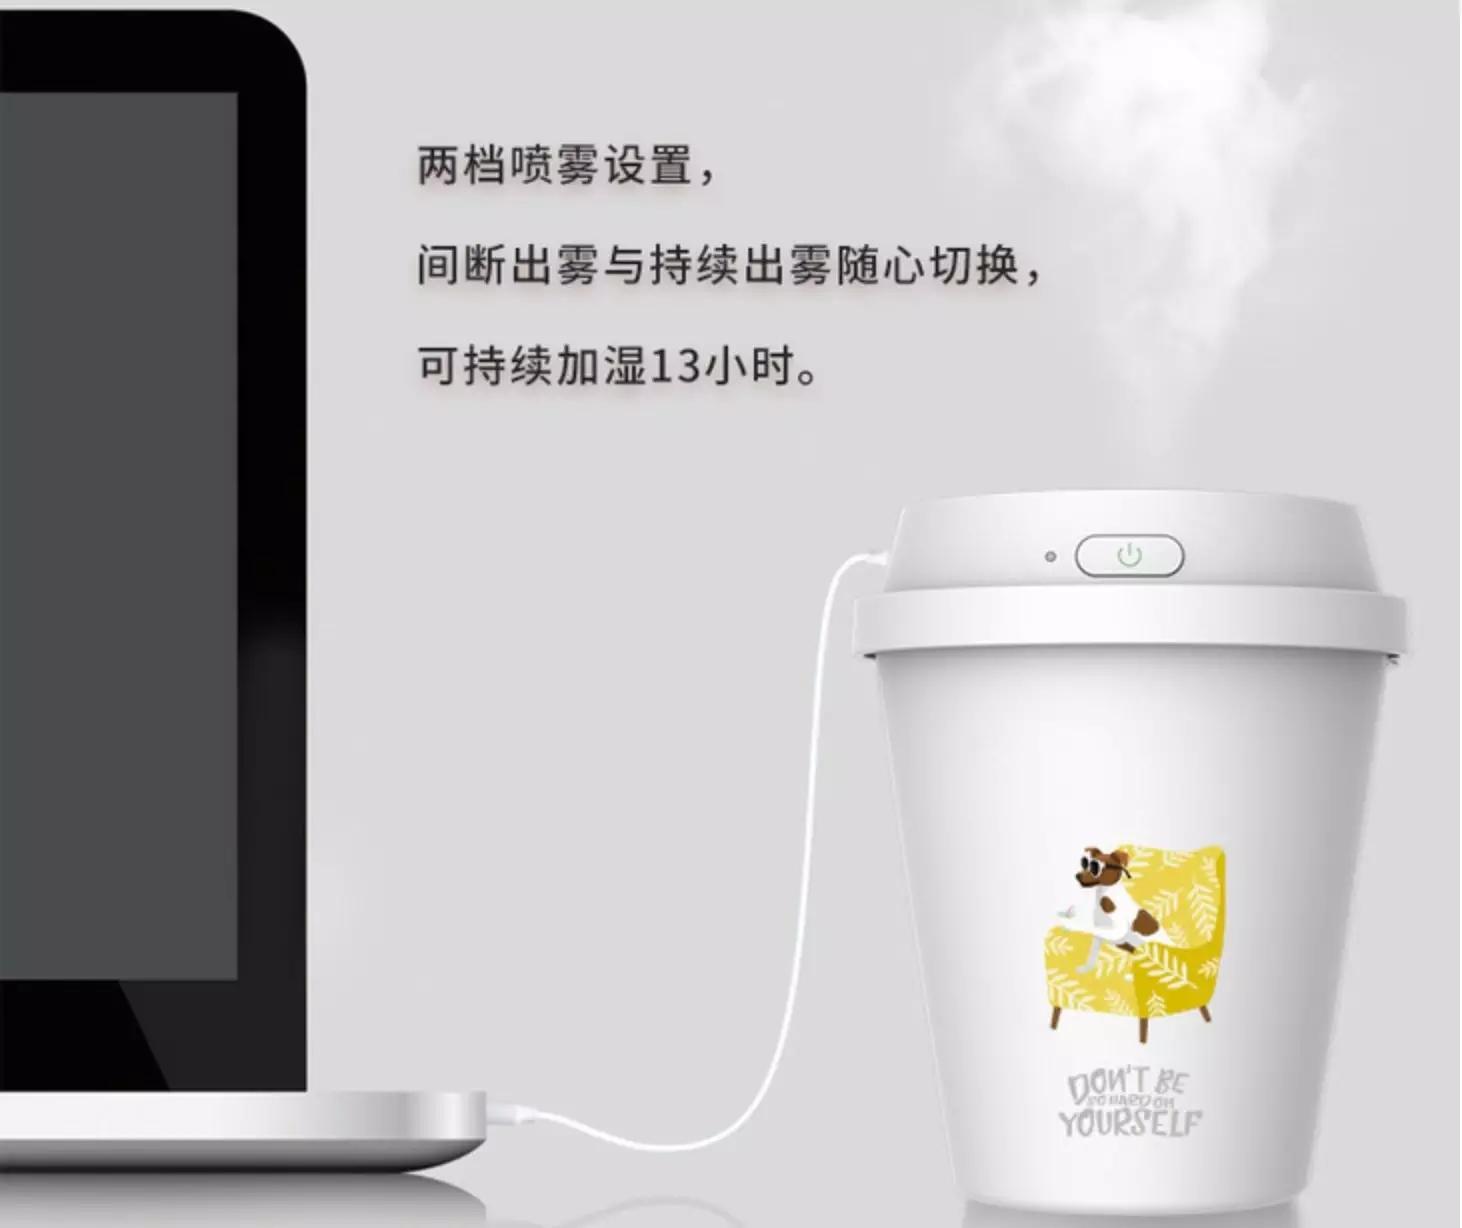 操作起来也十分简单, 这么可爱的咖啡杯, 狗年送它算是很贴心了~ 外